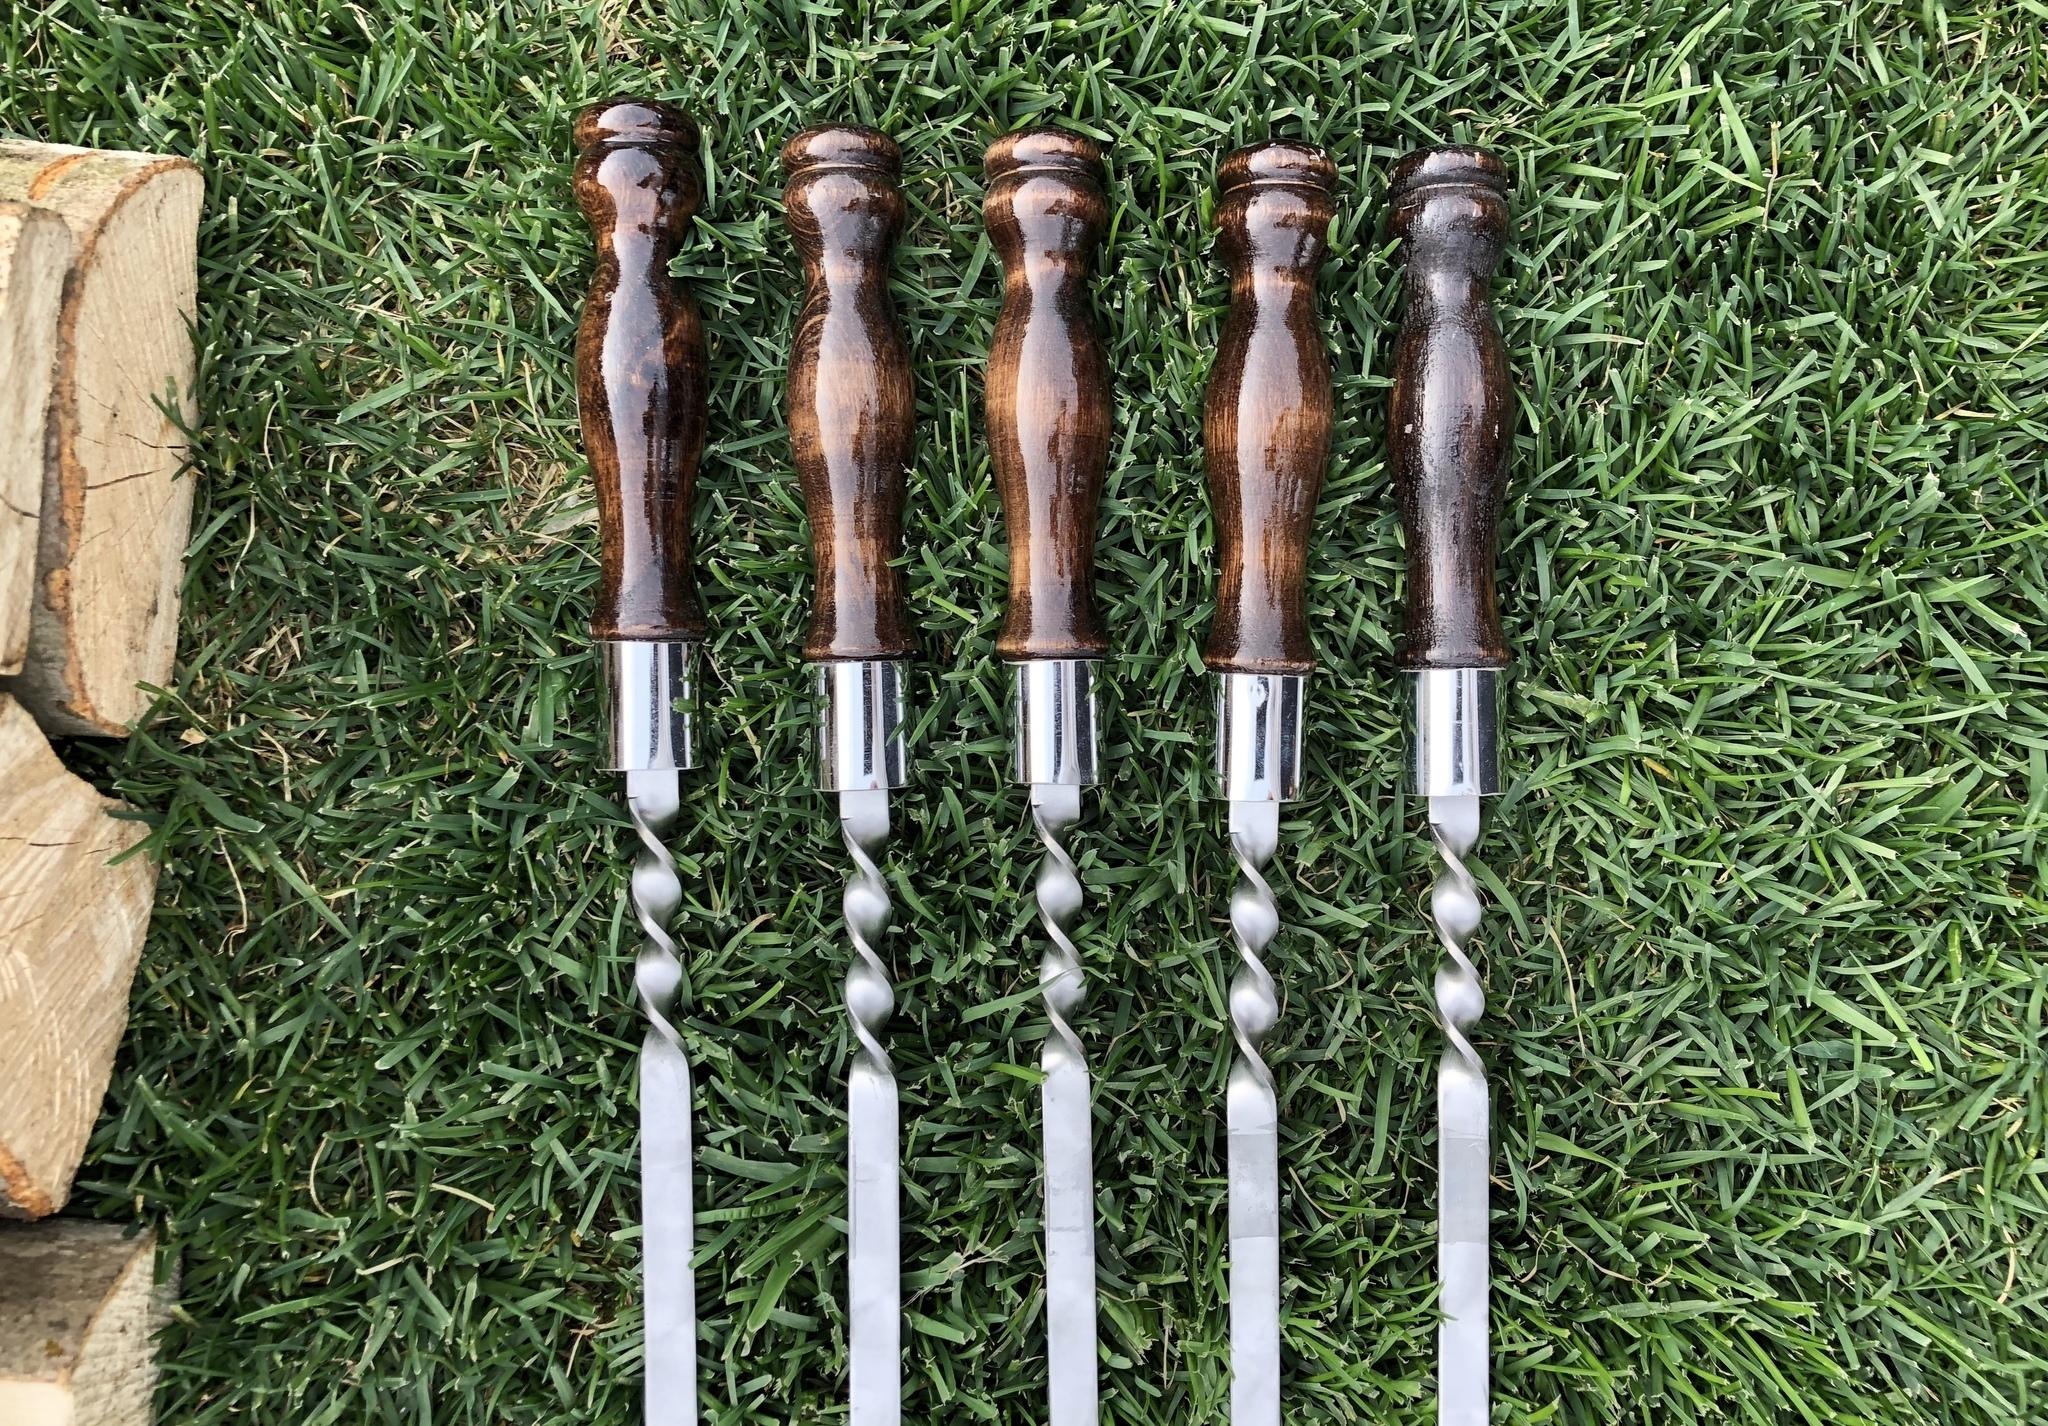 Шампуры из нержавейки Шампур с деревянной ручкой 3мм (ширина 18мм) №6 IMG_3766.JPG